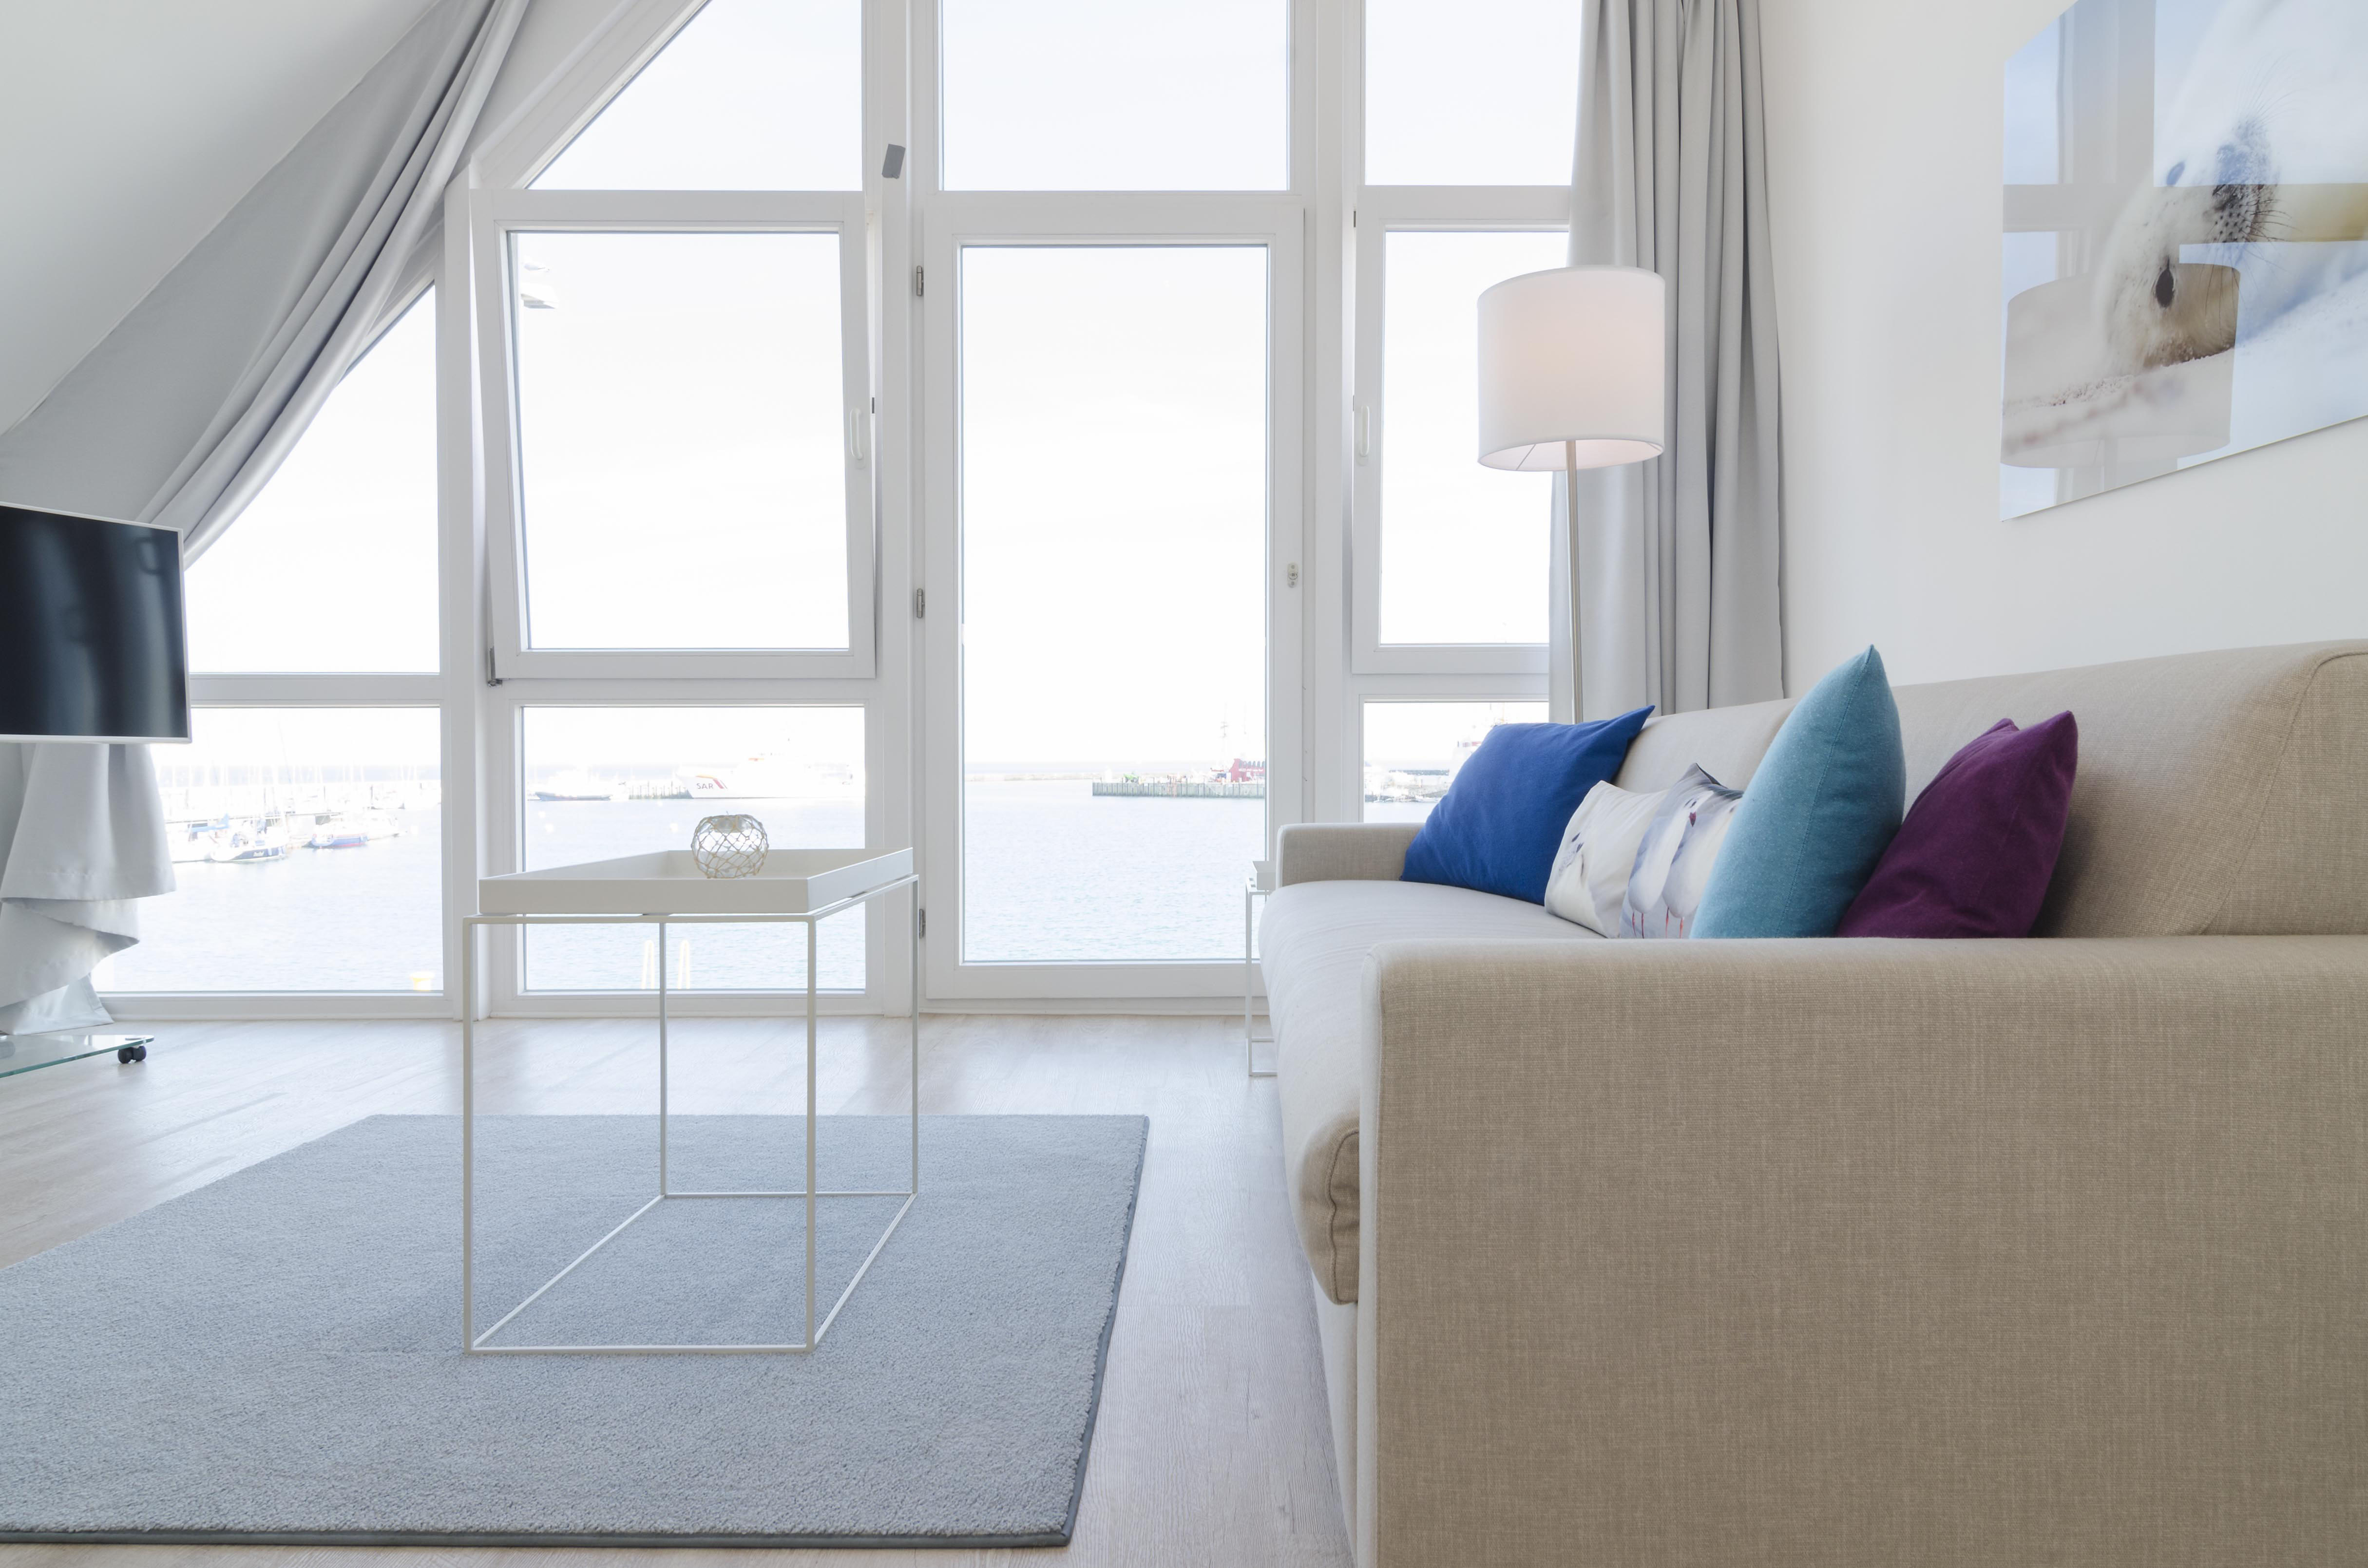 Interior Polsterei Hamburg Apartment Hay Einrichtung Pastell Meeresfarben